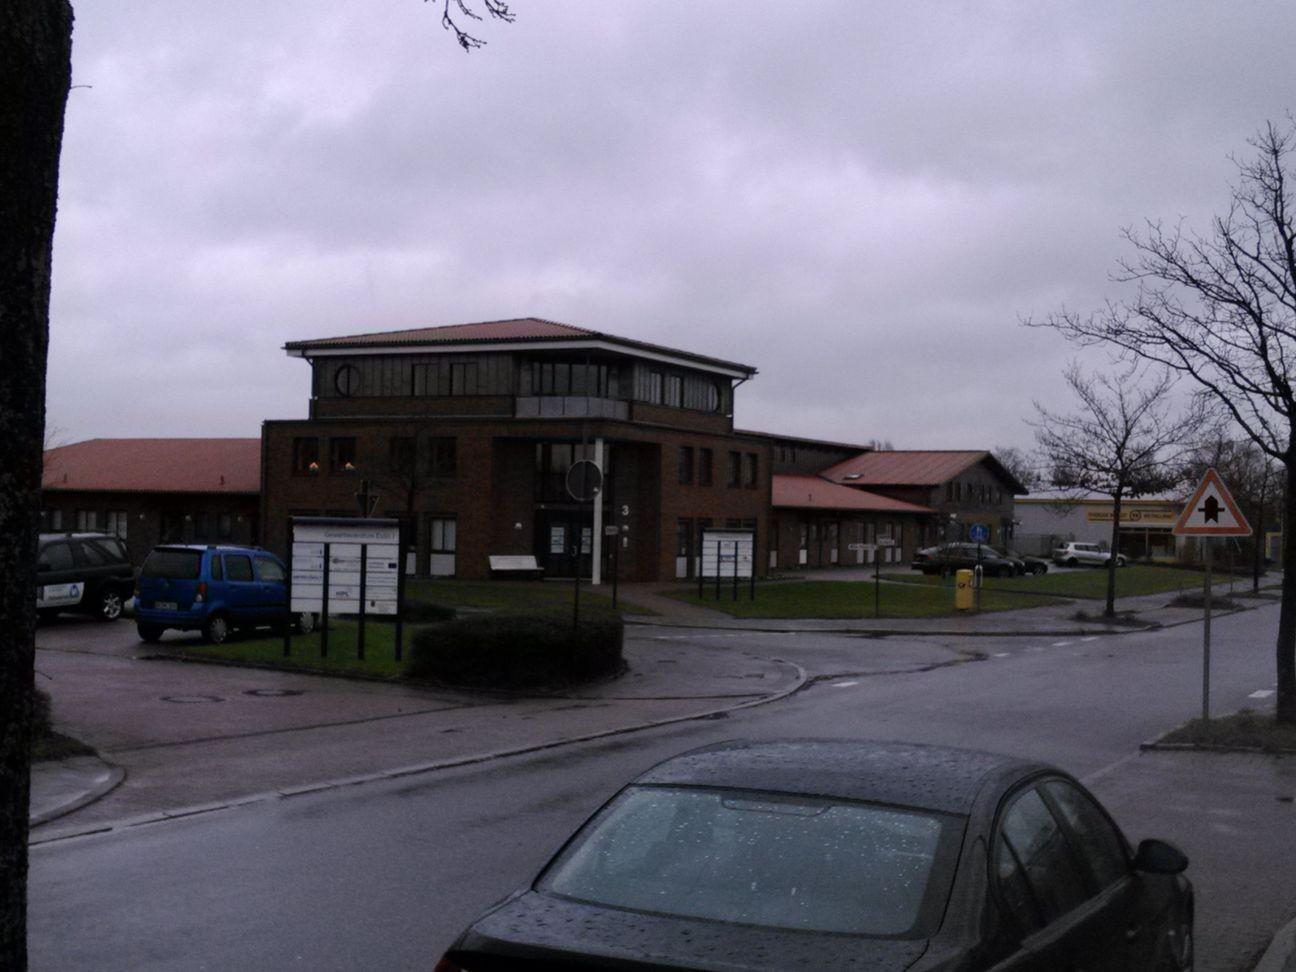 Gebäude in dem Zobels Computerdienste untergebracht ist (von der anderen Staßenseite)